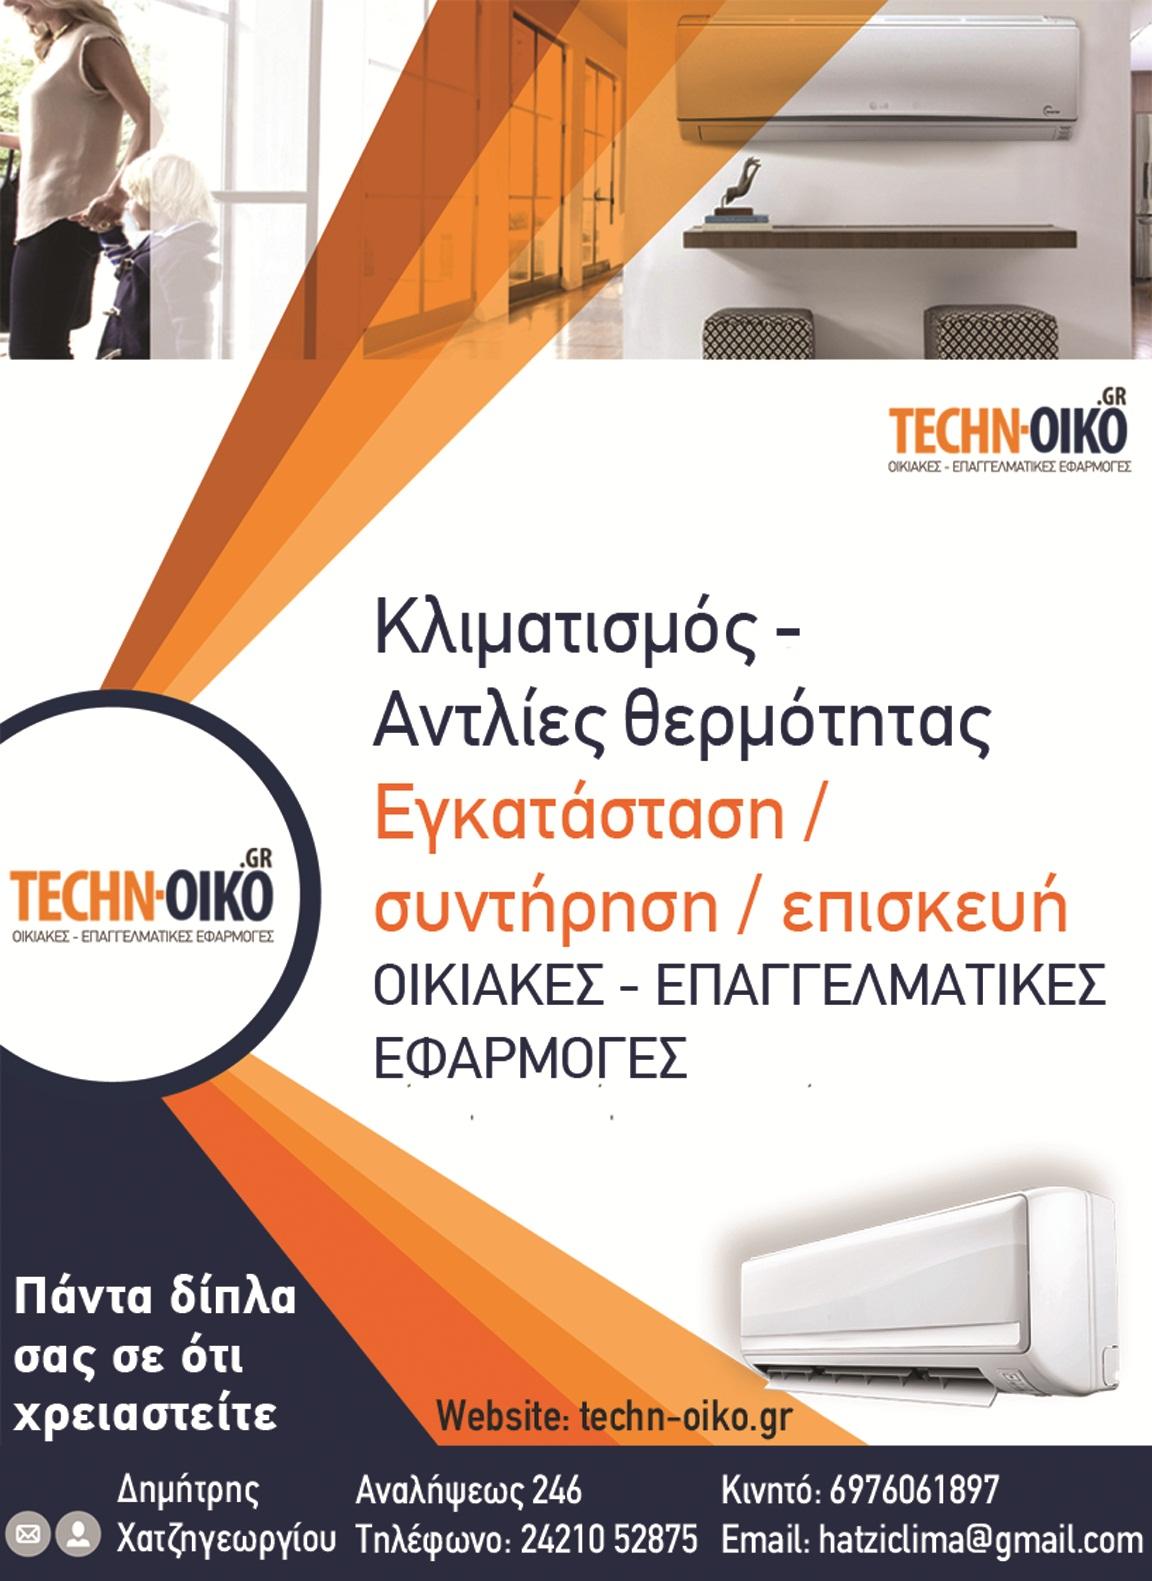 http://www.techn-oiko.gr/